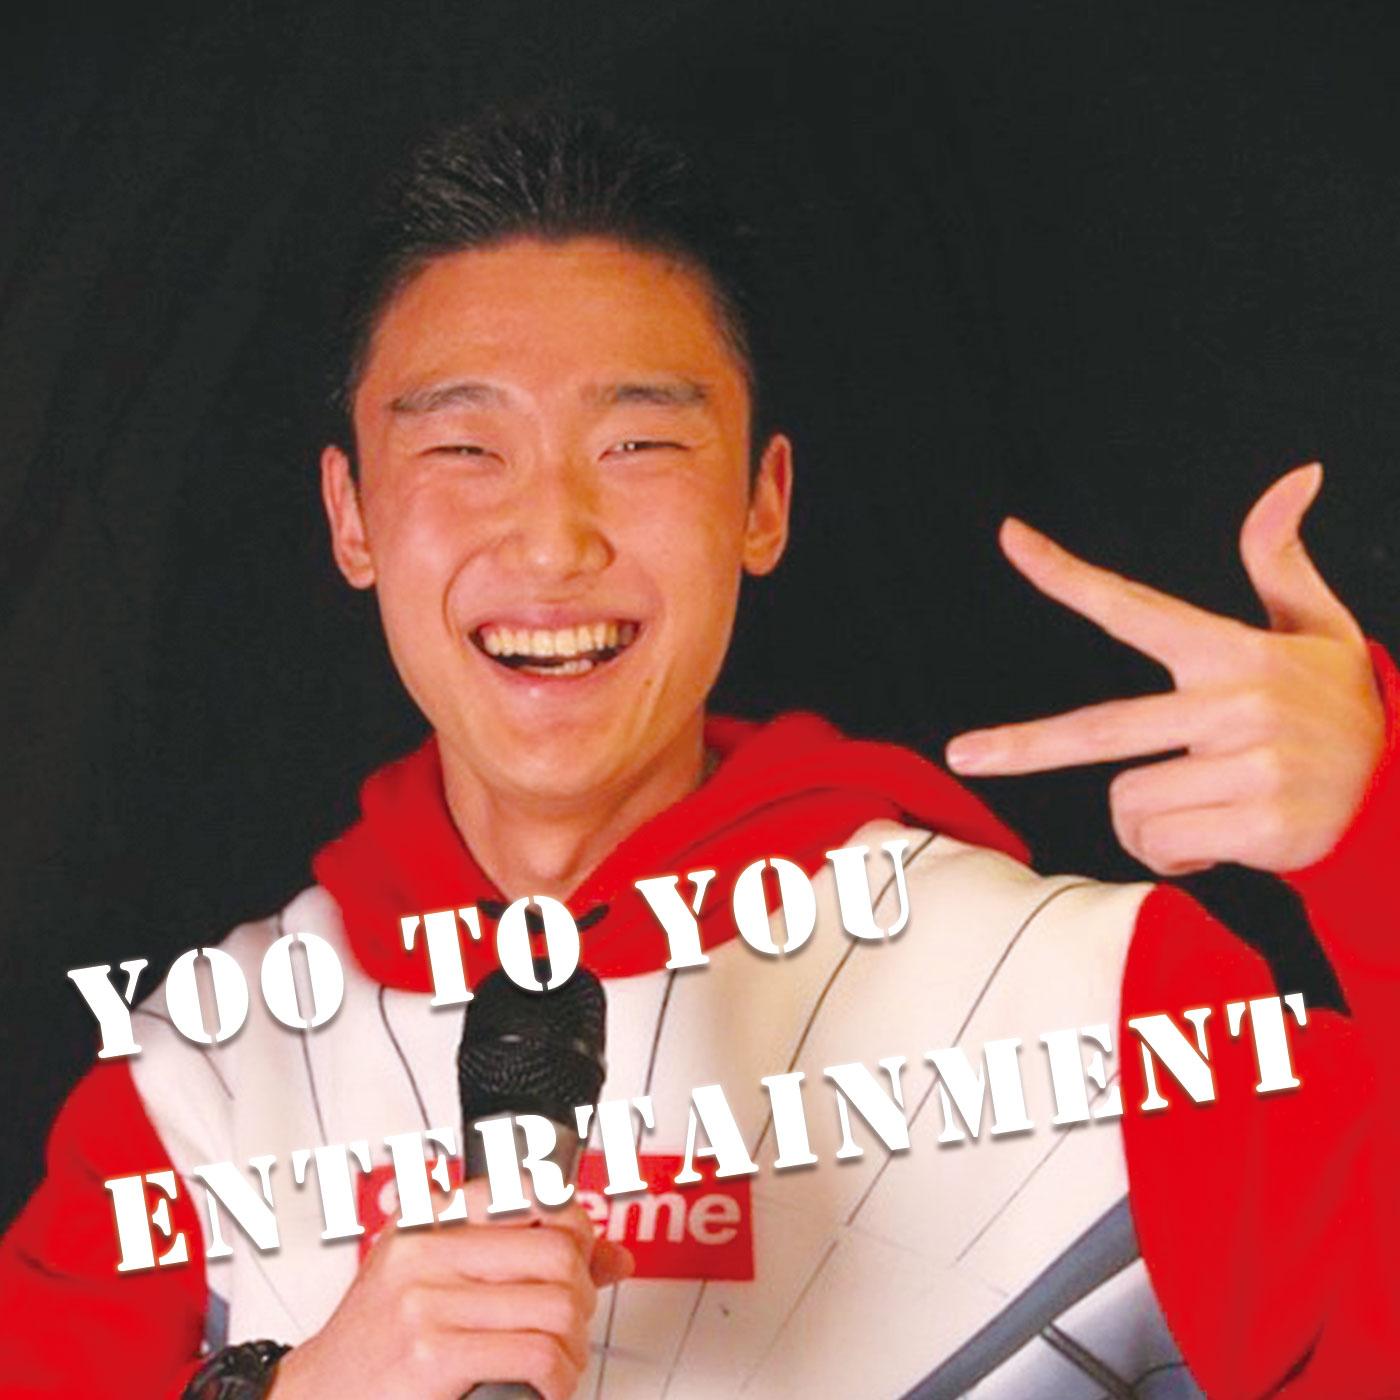 Yoo to You Entertainment